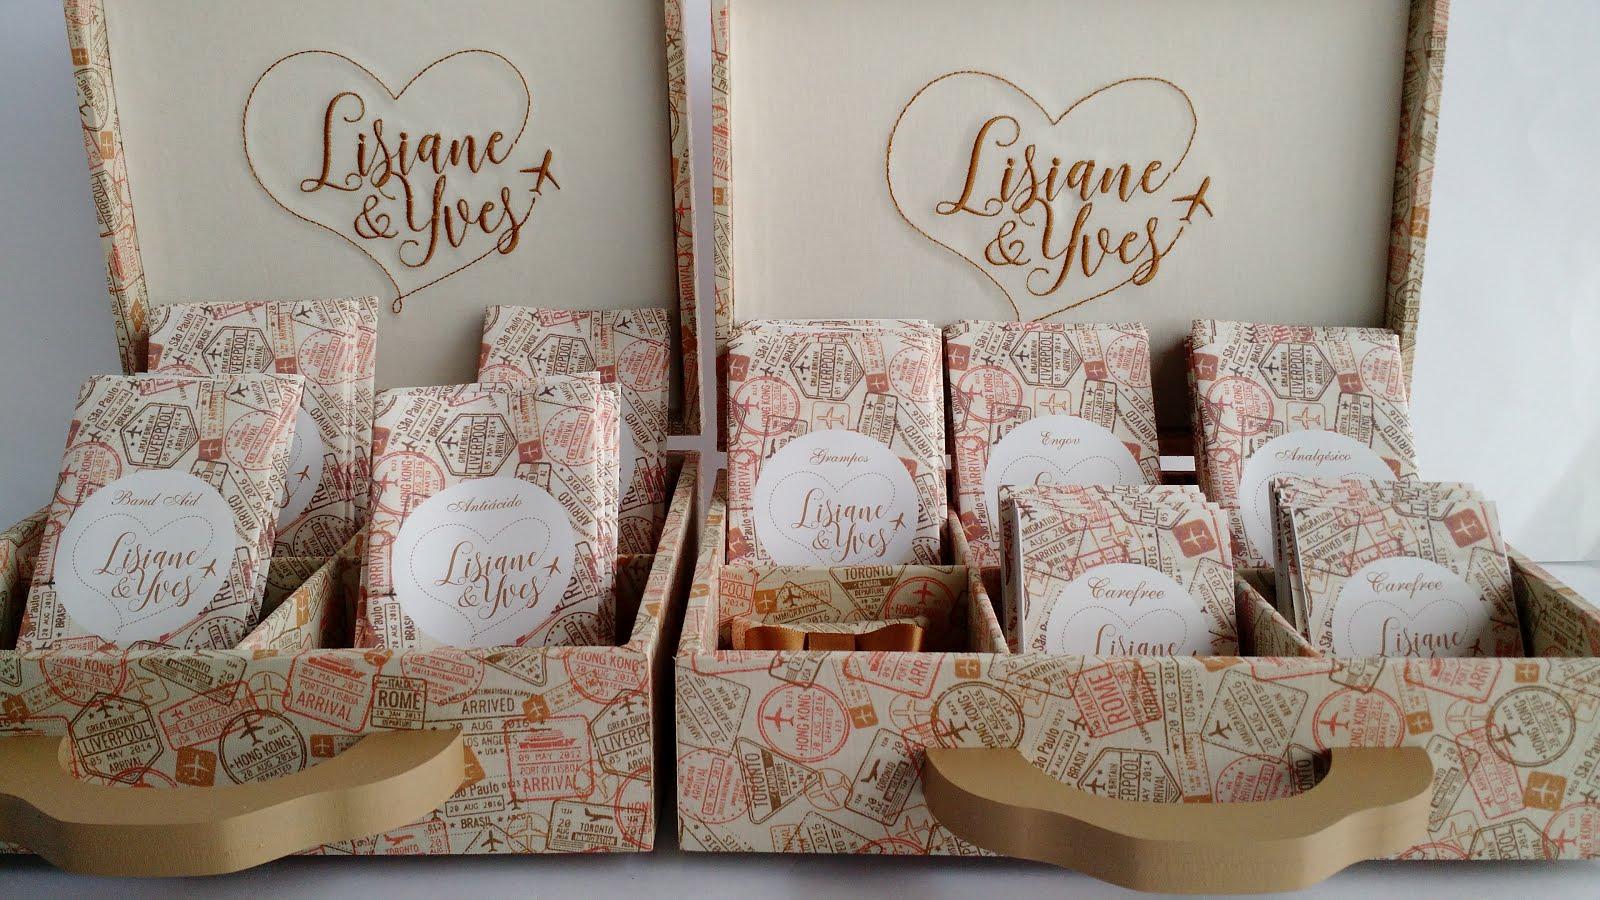 Kit Banheiro Casamento Floral : Arte caixas ateli? kit banheiro casamento lisi e yves